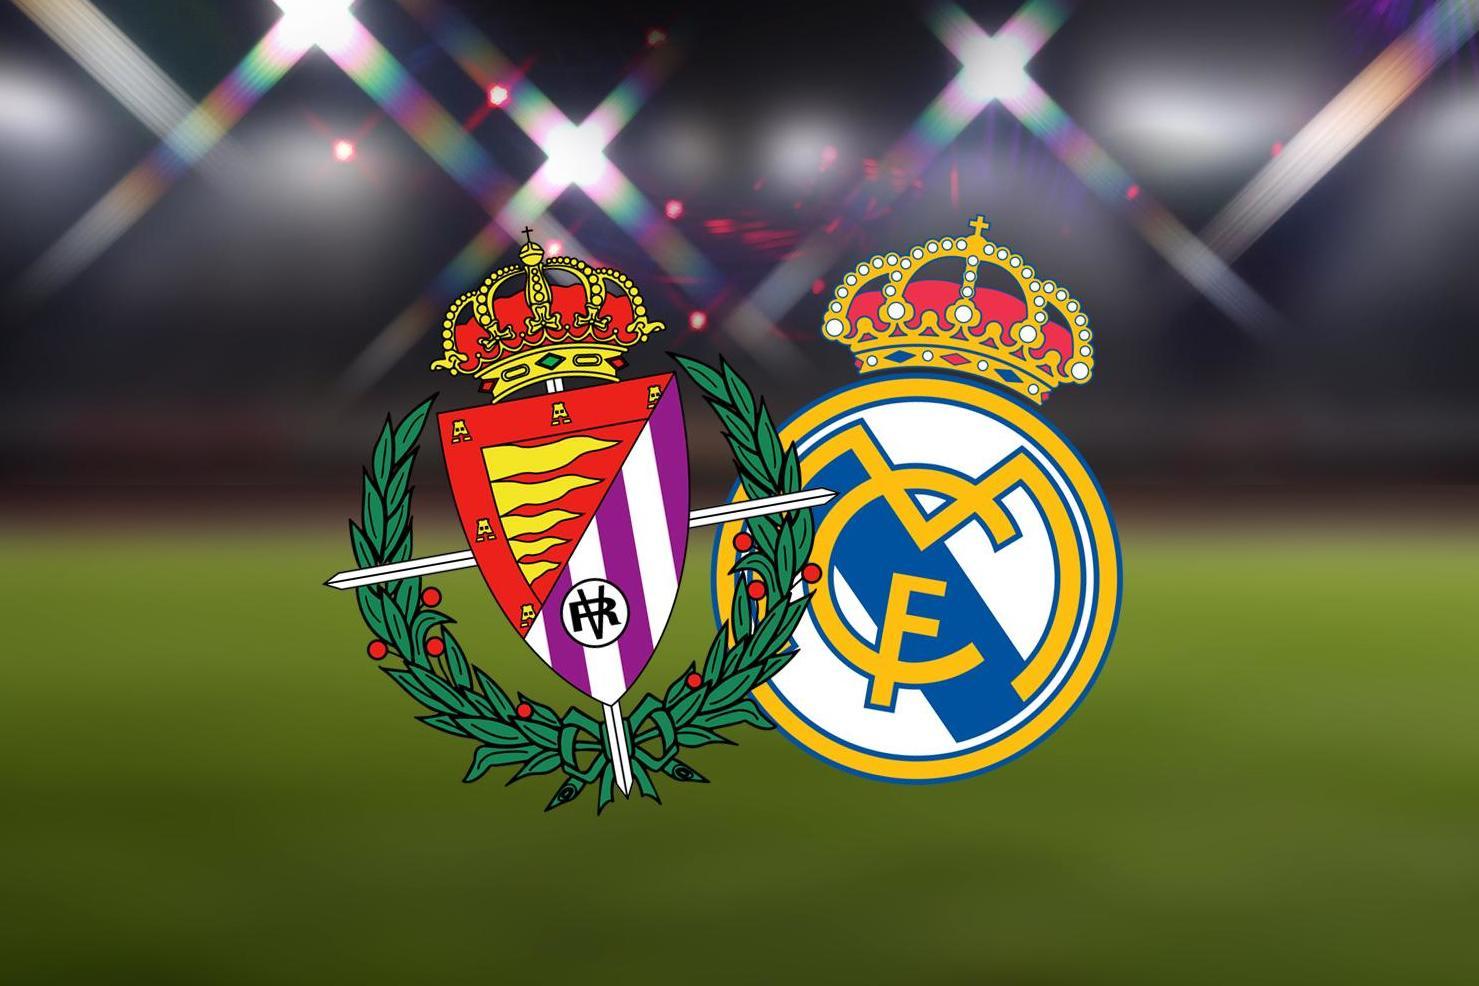 موعد مباراة ريال مدريد القادمة ضد بلد الوليد والقنوات الناقلة في الدوري الإسباني